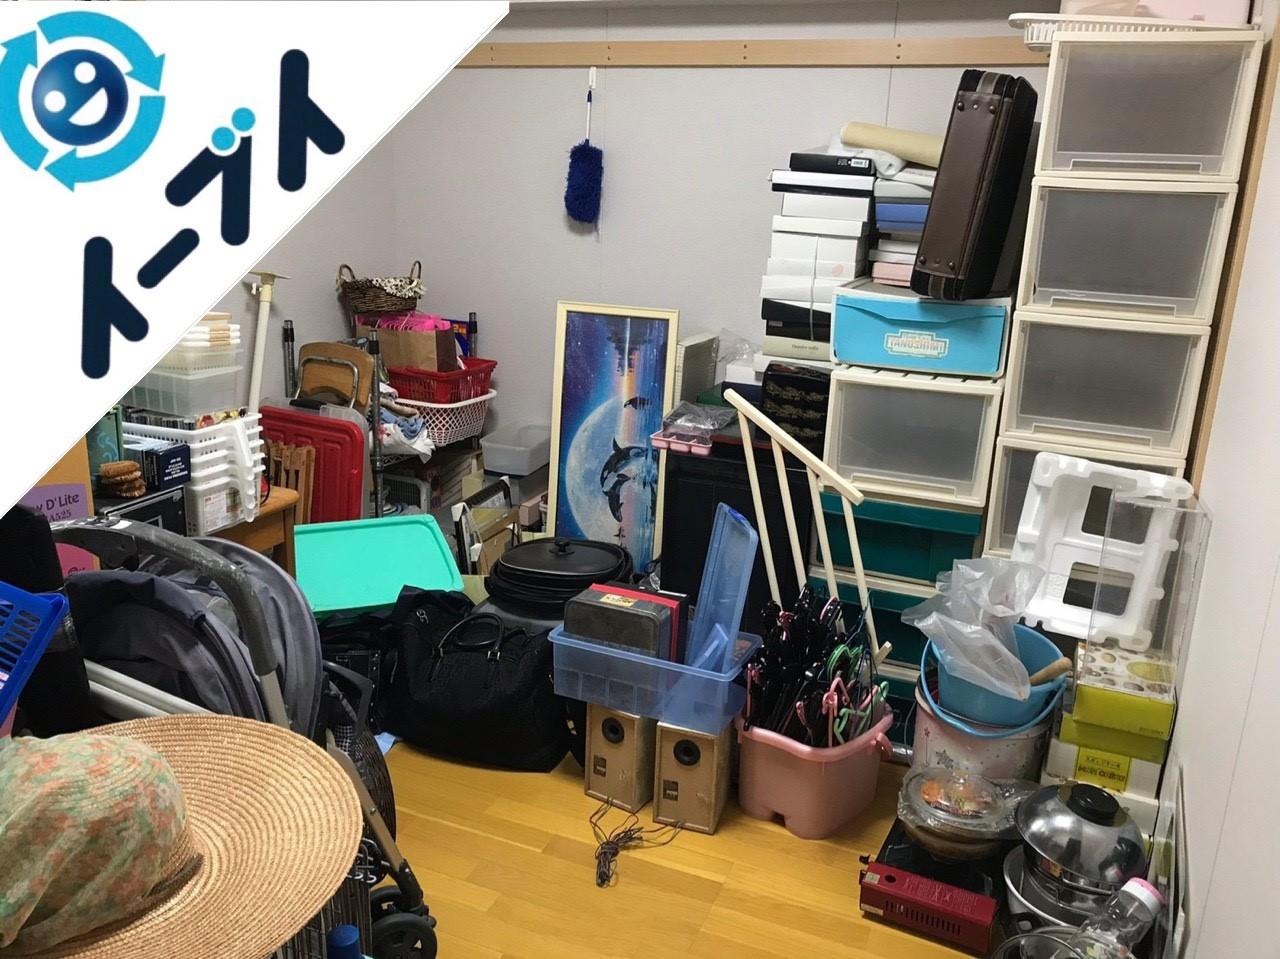 2018年12月20日大阪府大阪市西区でお部屋一室の不用品の回収をしました。写真4